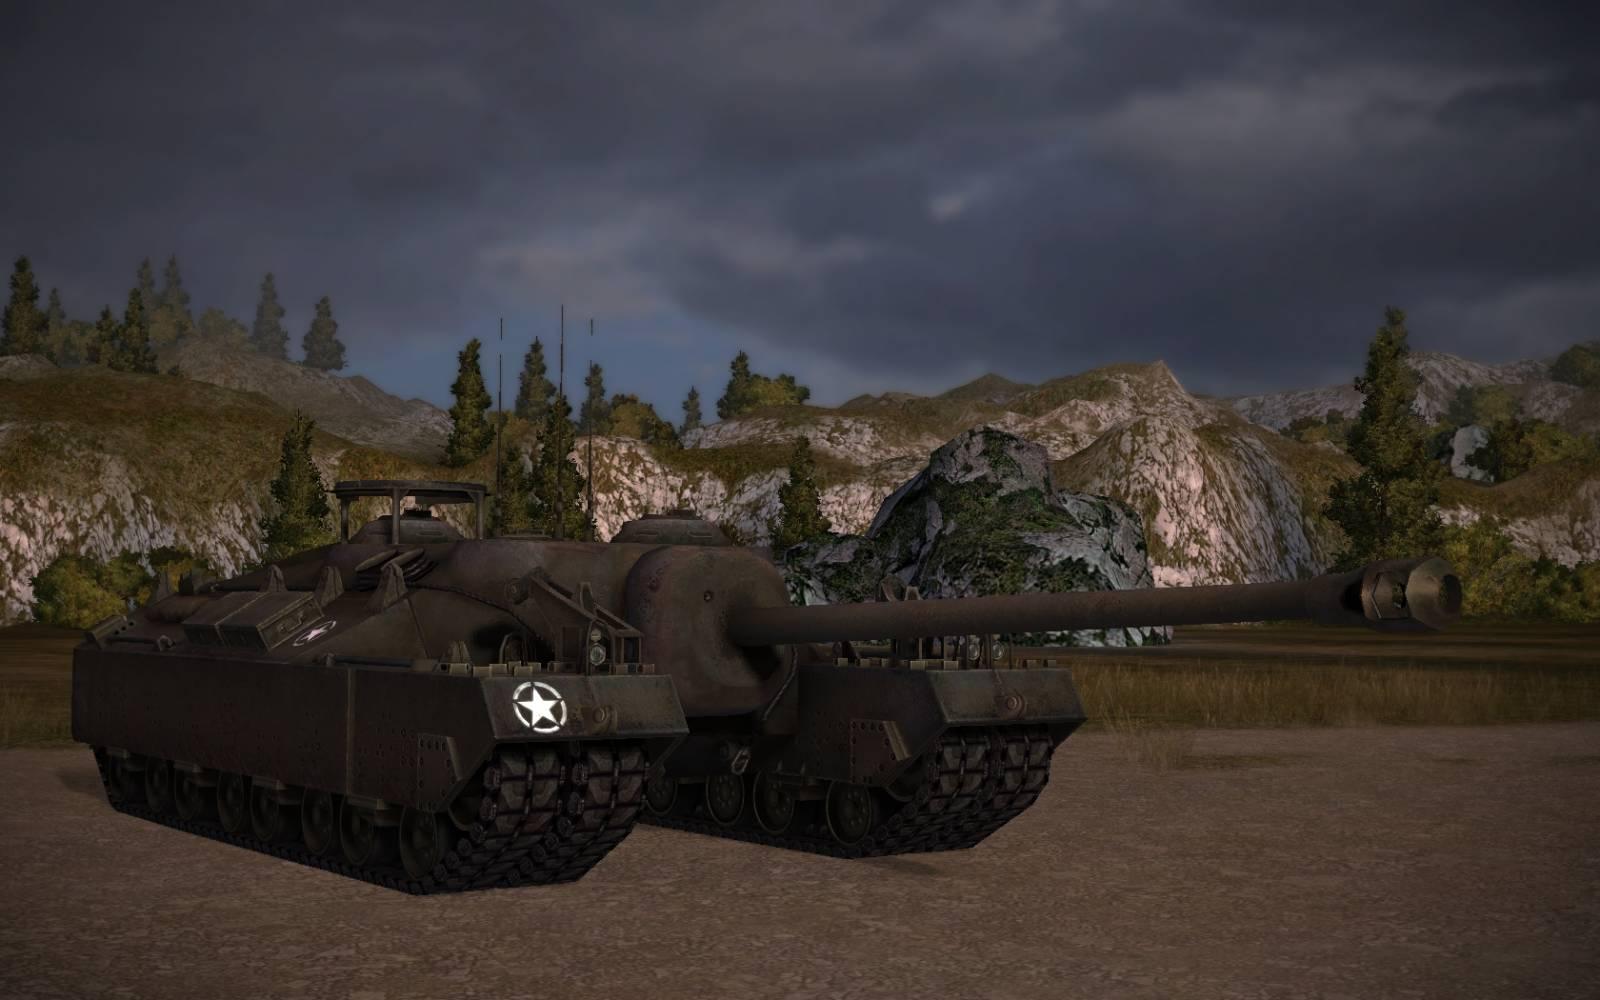 Прикольные картинки из мира танков, парусников